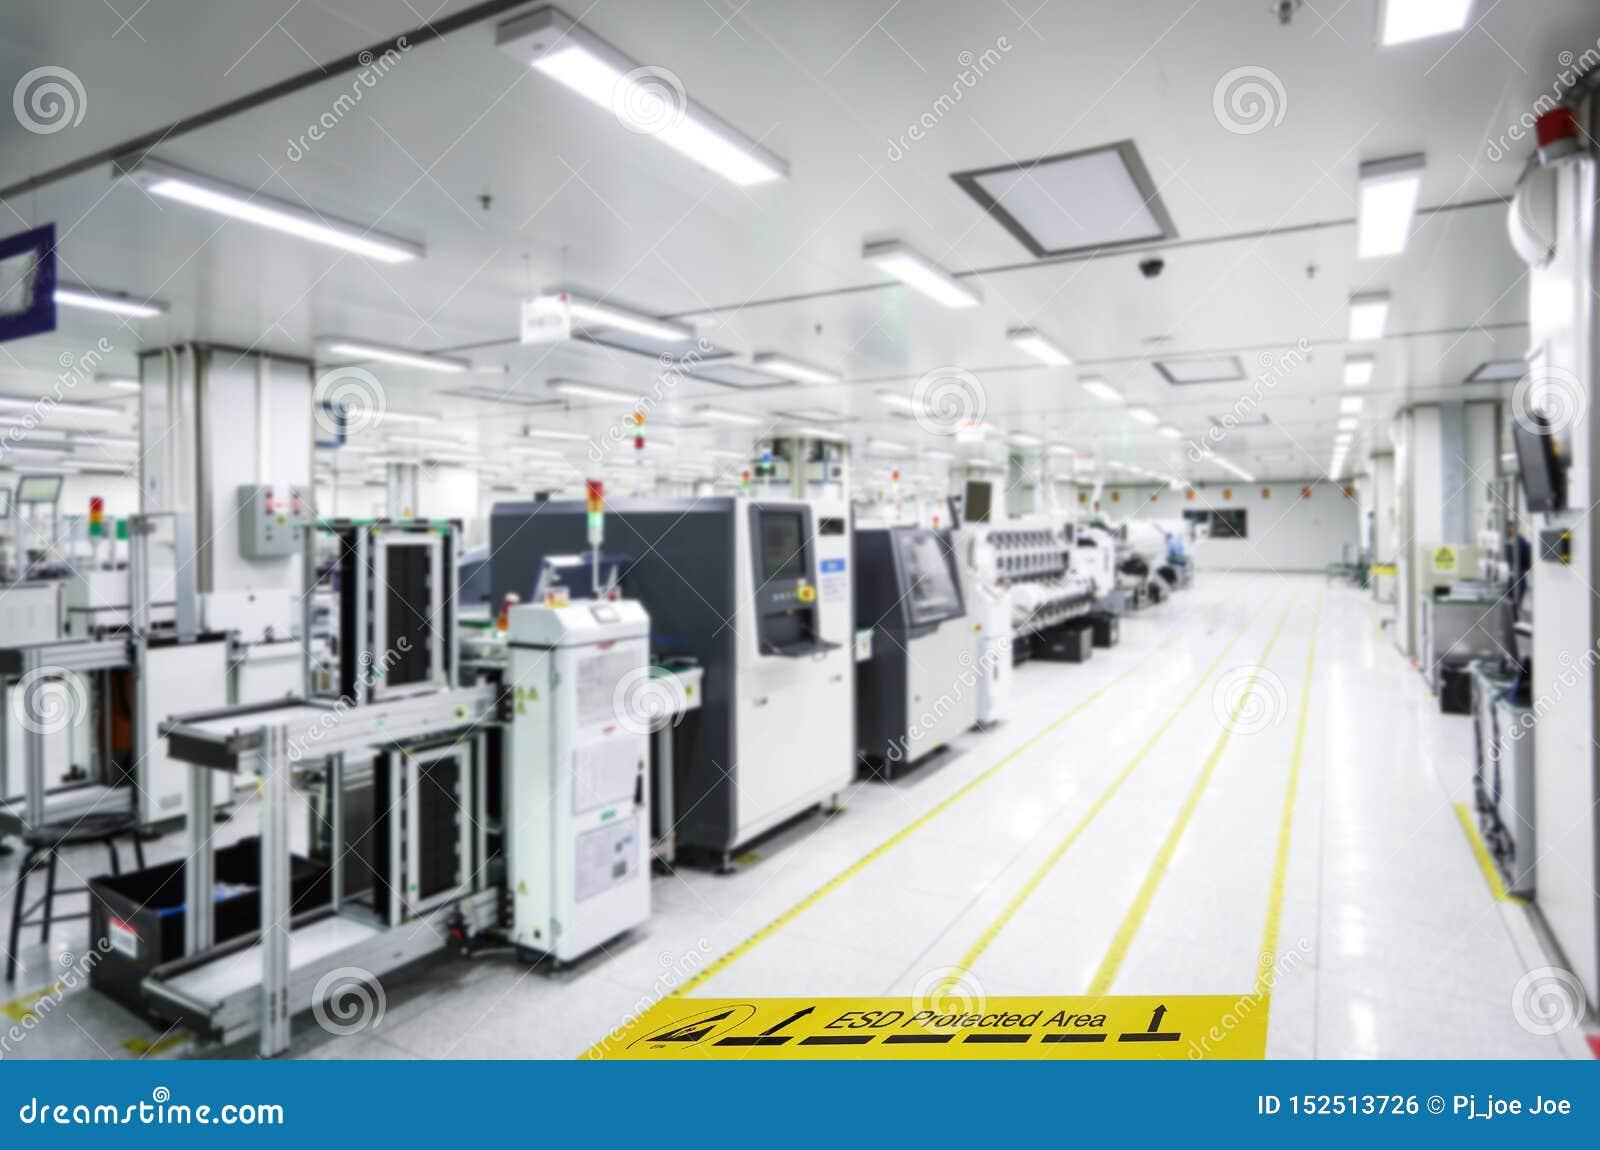 Auf einem Boden der Elektronik bedeckte die Herstellung industrielles Linoleum klebt ein gelbes Band mit einem warnenden Standard